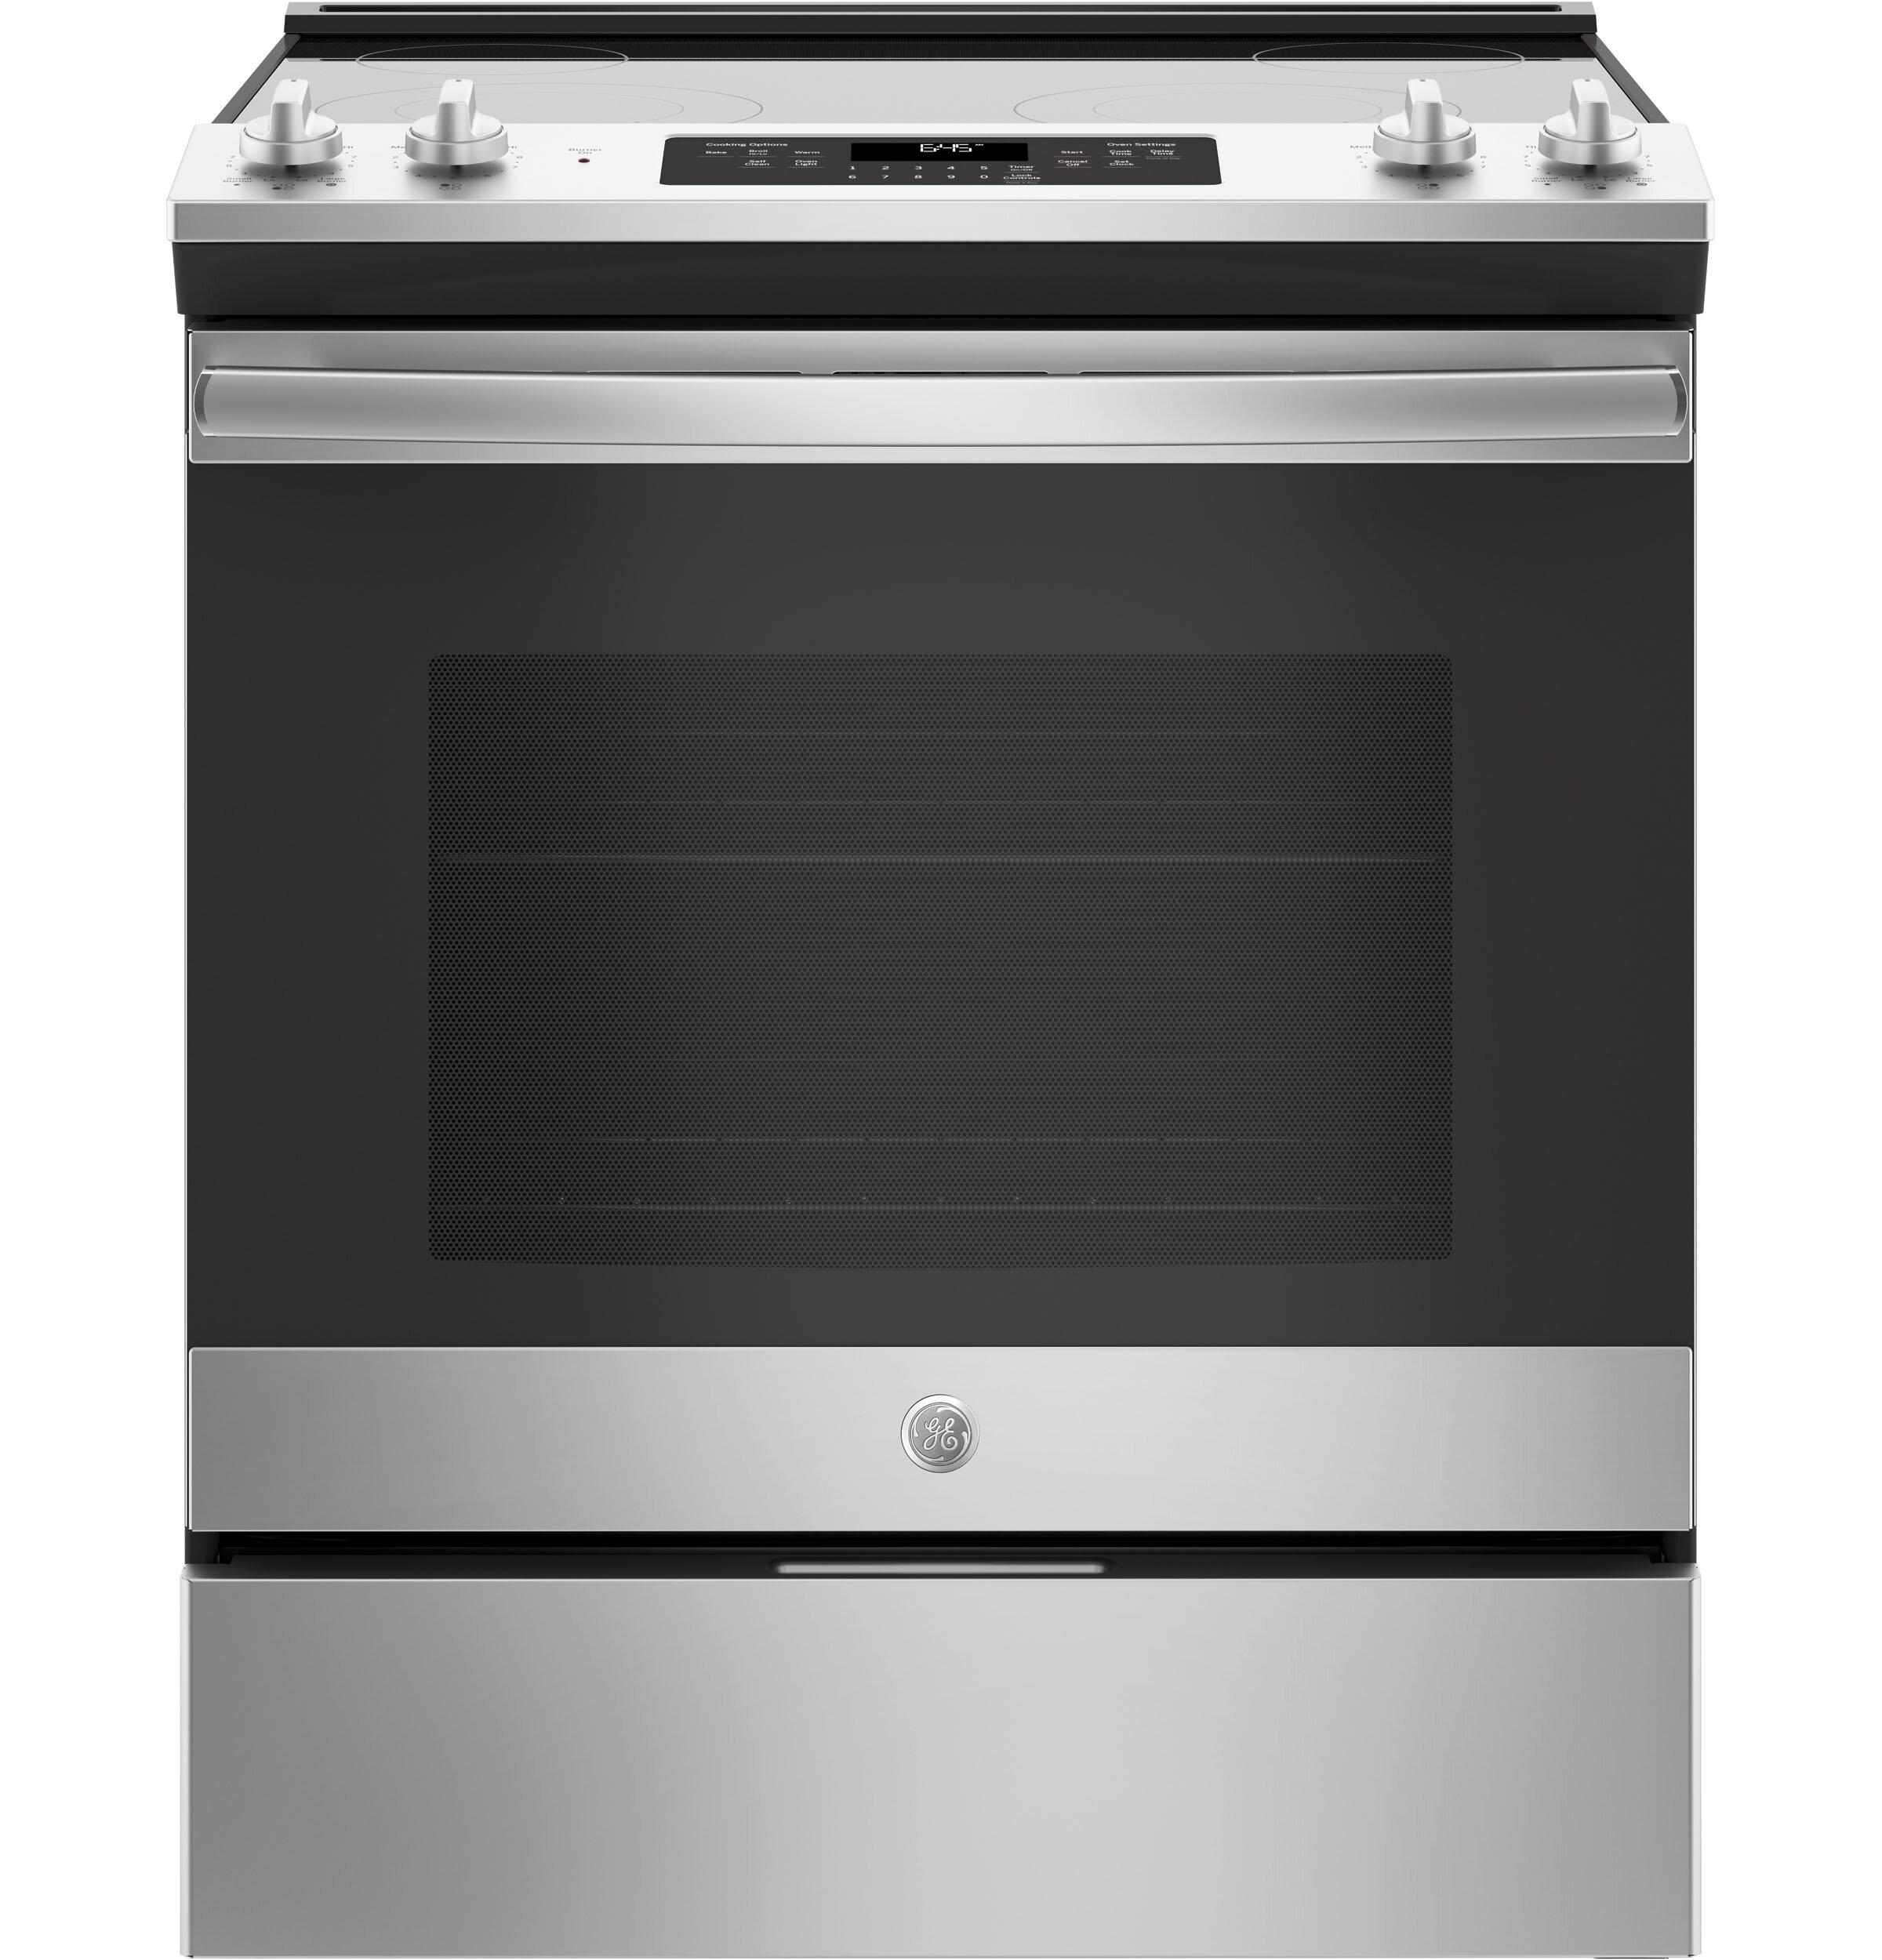 Ge Appliances 30 5 3 Cu Ft Slide In Electric Range Reviews Wayfair